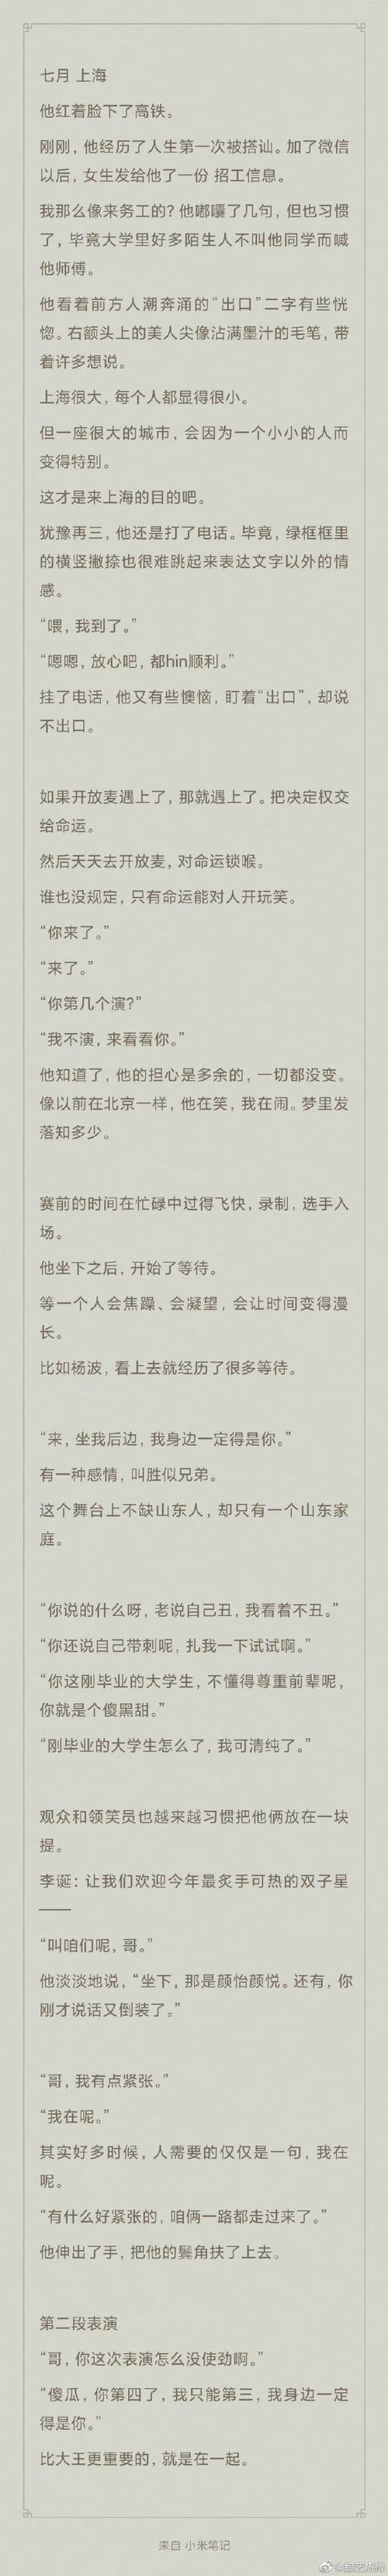 孟川写的cp文